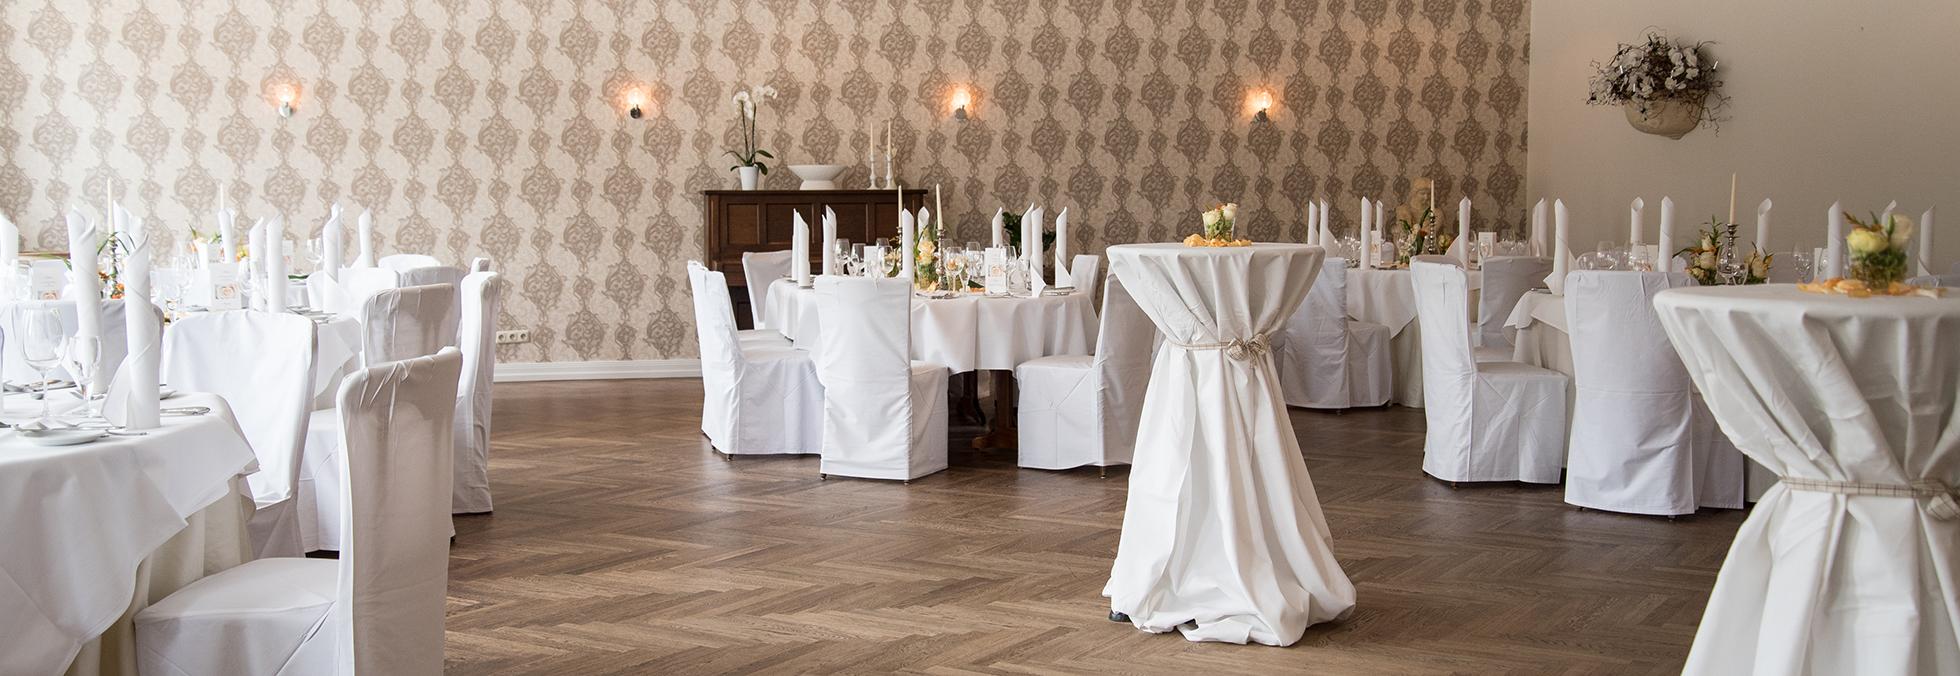 Hochzeitslocation Lubeck Restaurant Hauck